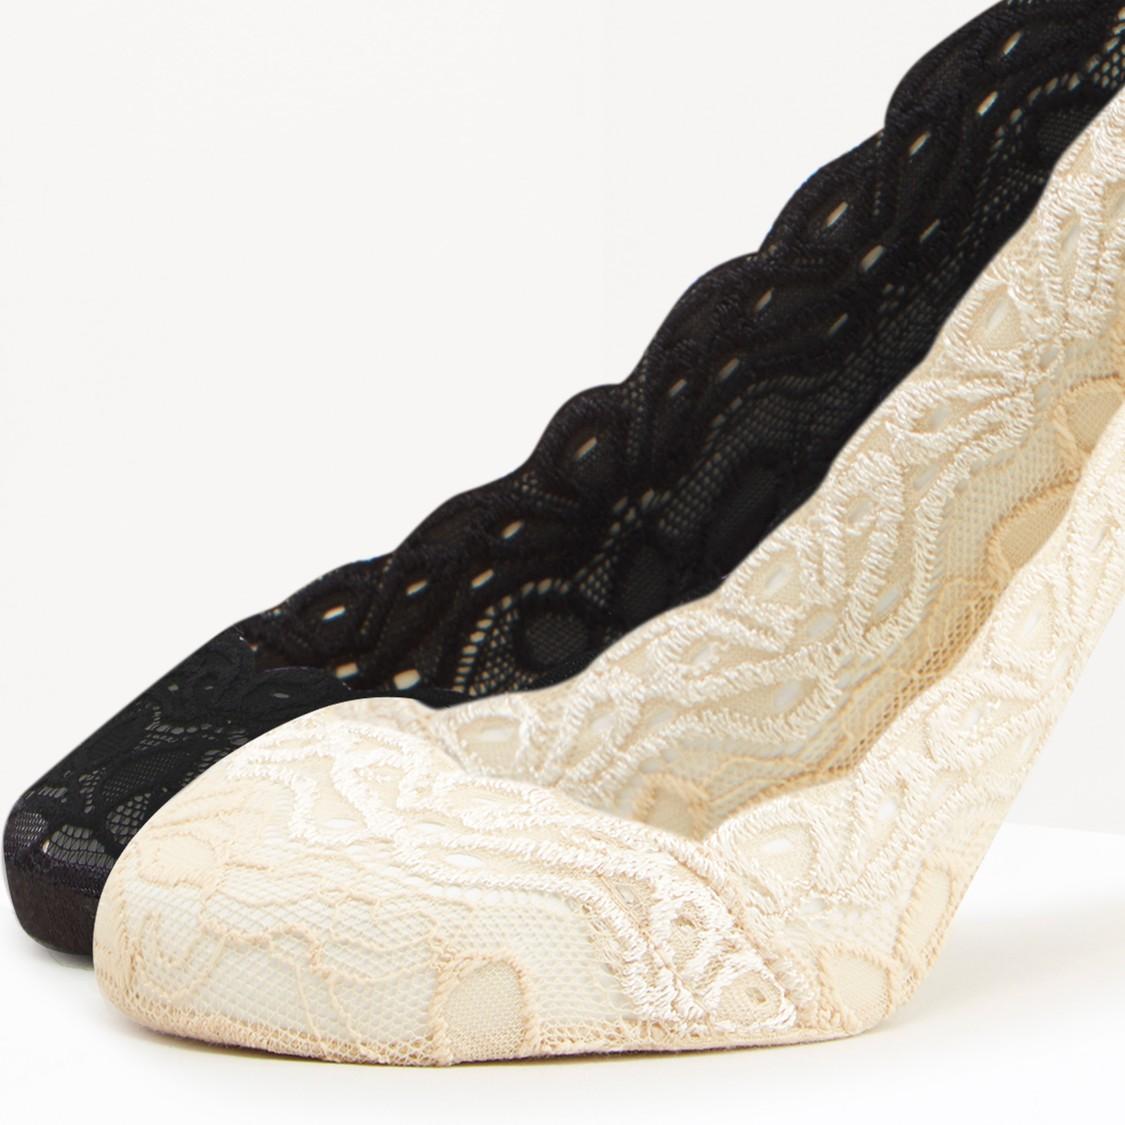 جوارب غير مرئية بارزة الملمس - طقم من زوجين